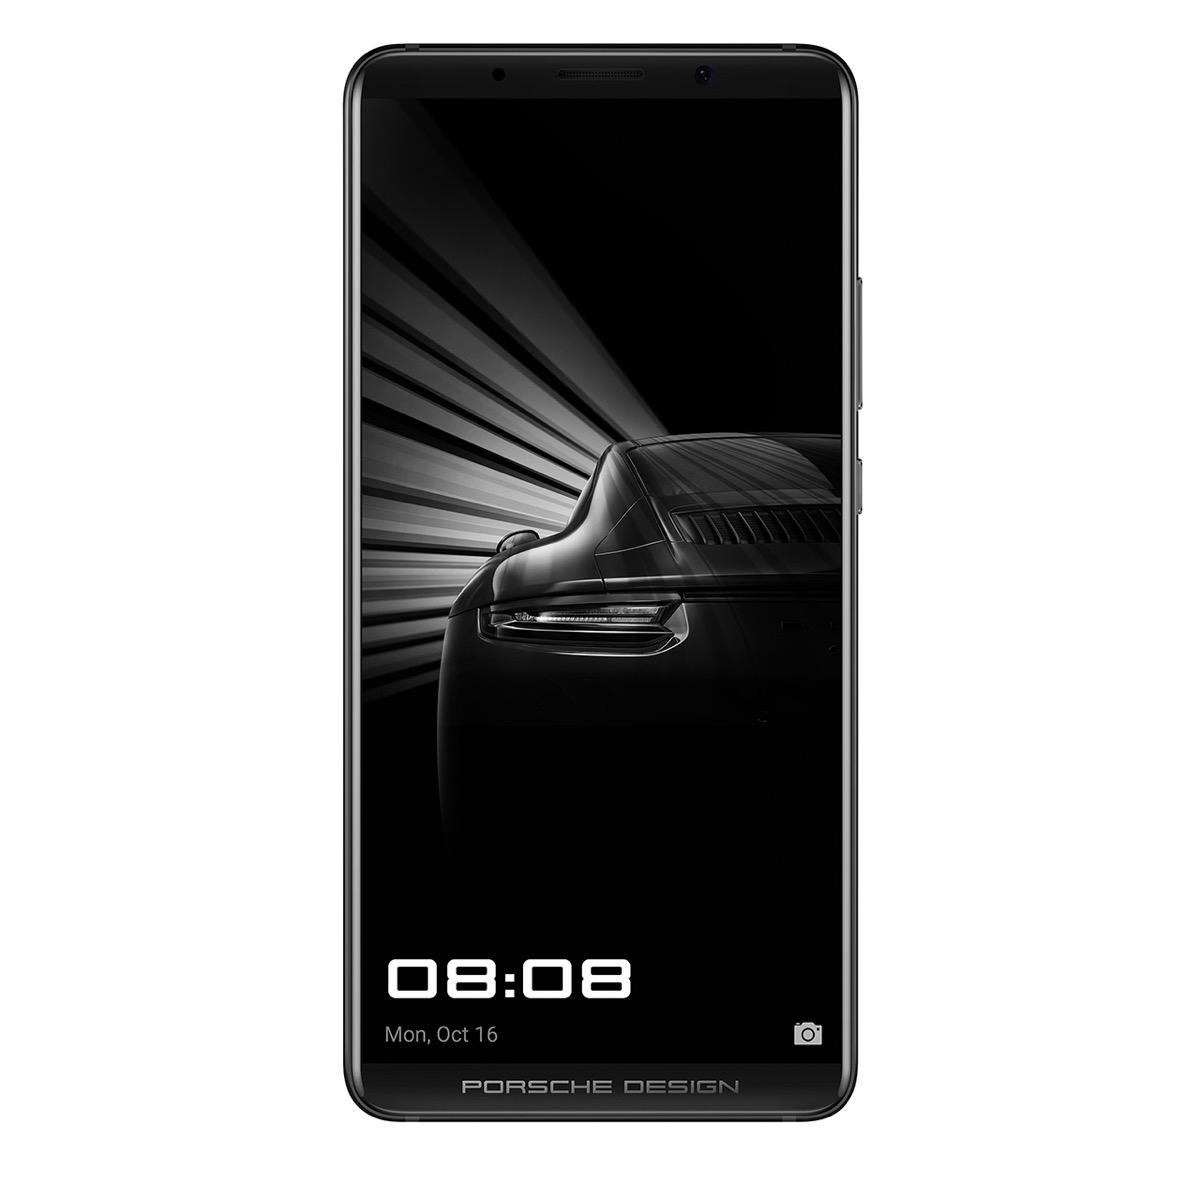 Huawei Mate10 Pro Porsche Design - nur solange Vorrat reicht!